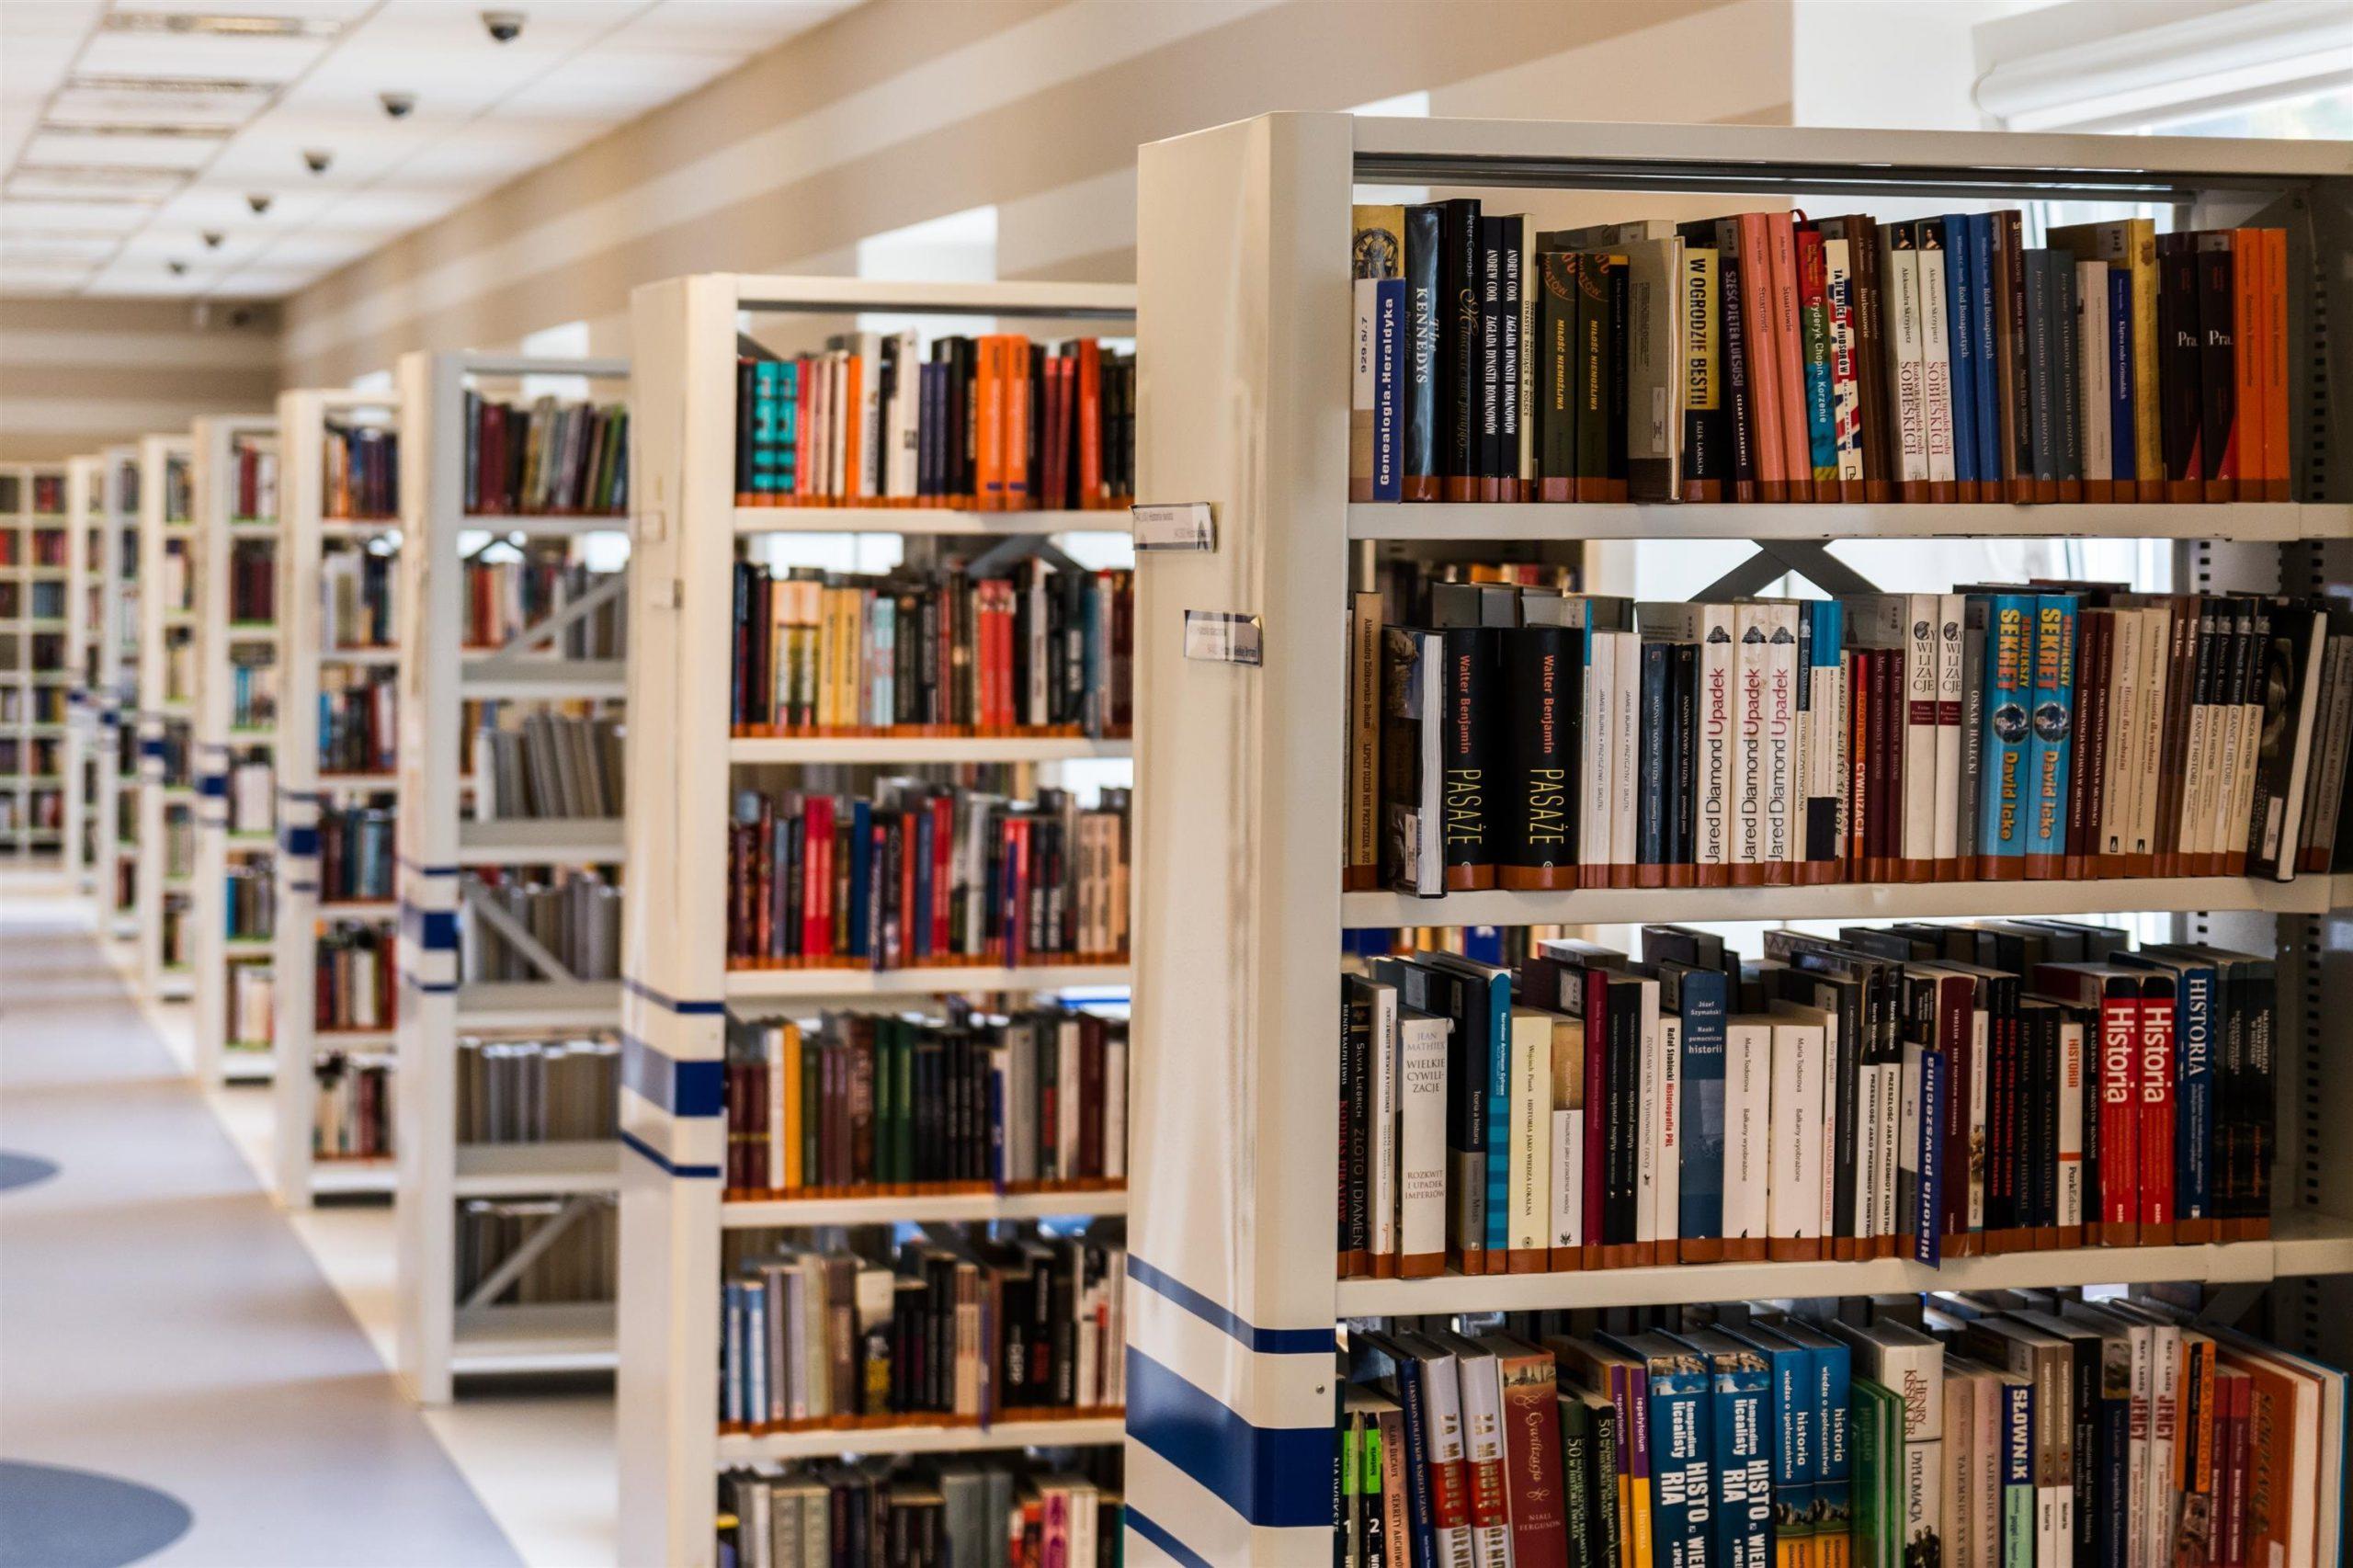 Rader av bokhyllor i ett bibliotek